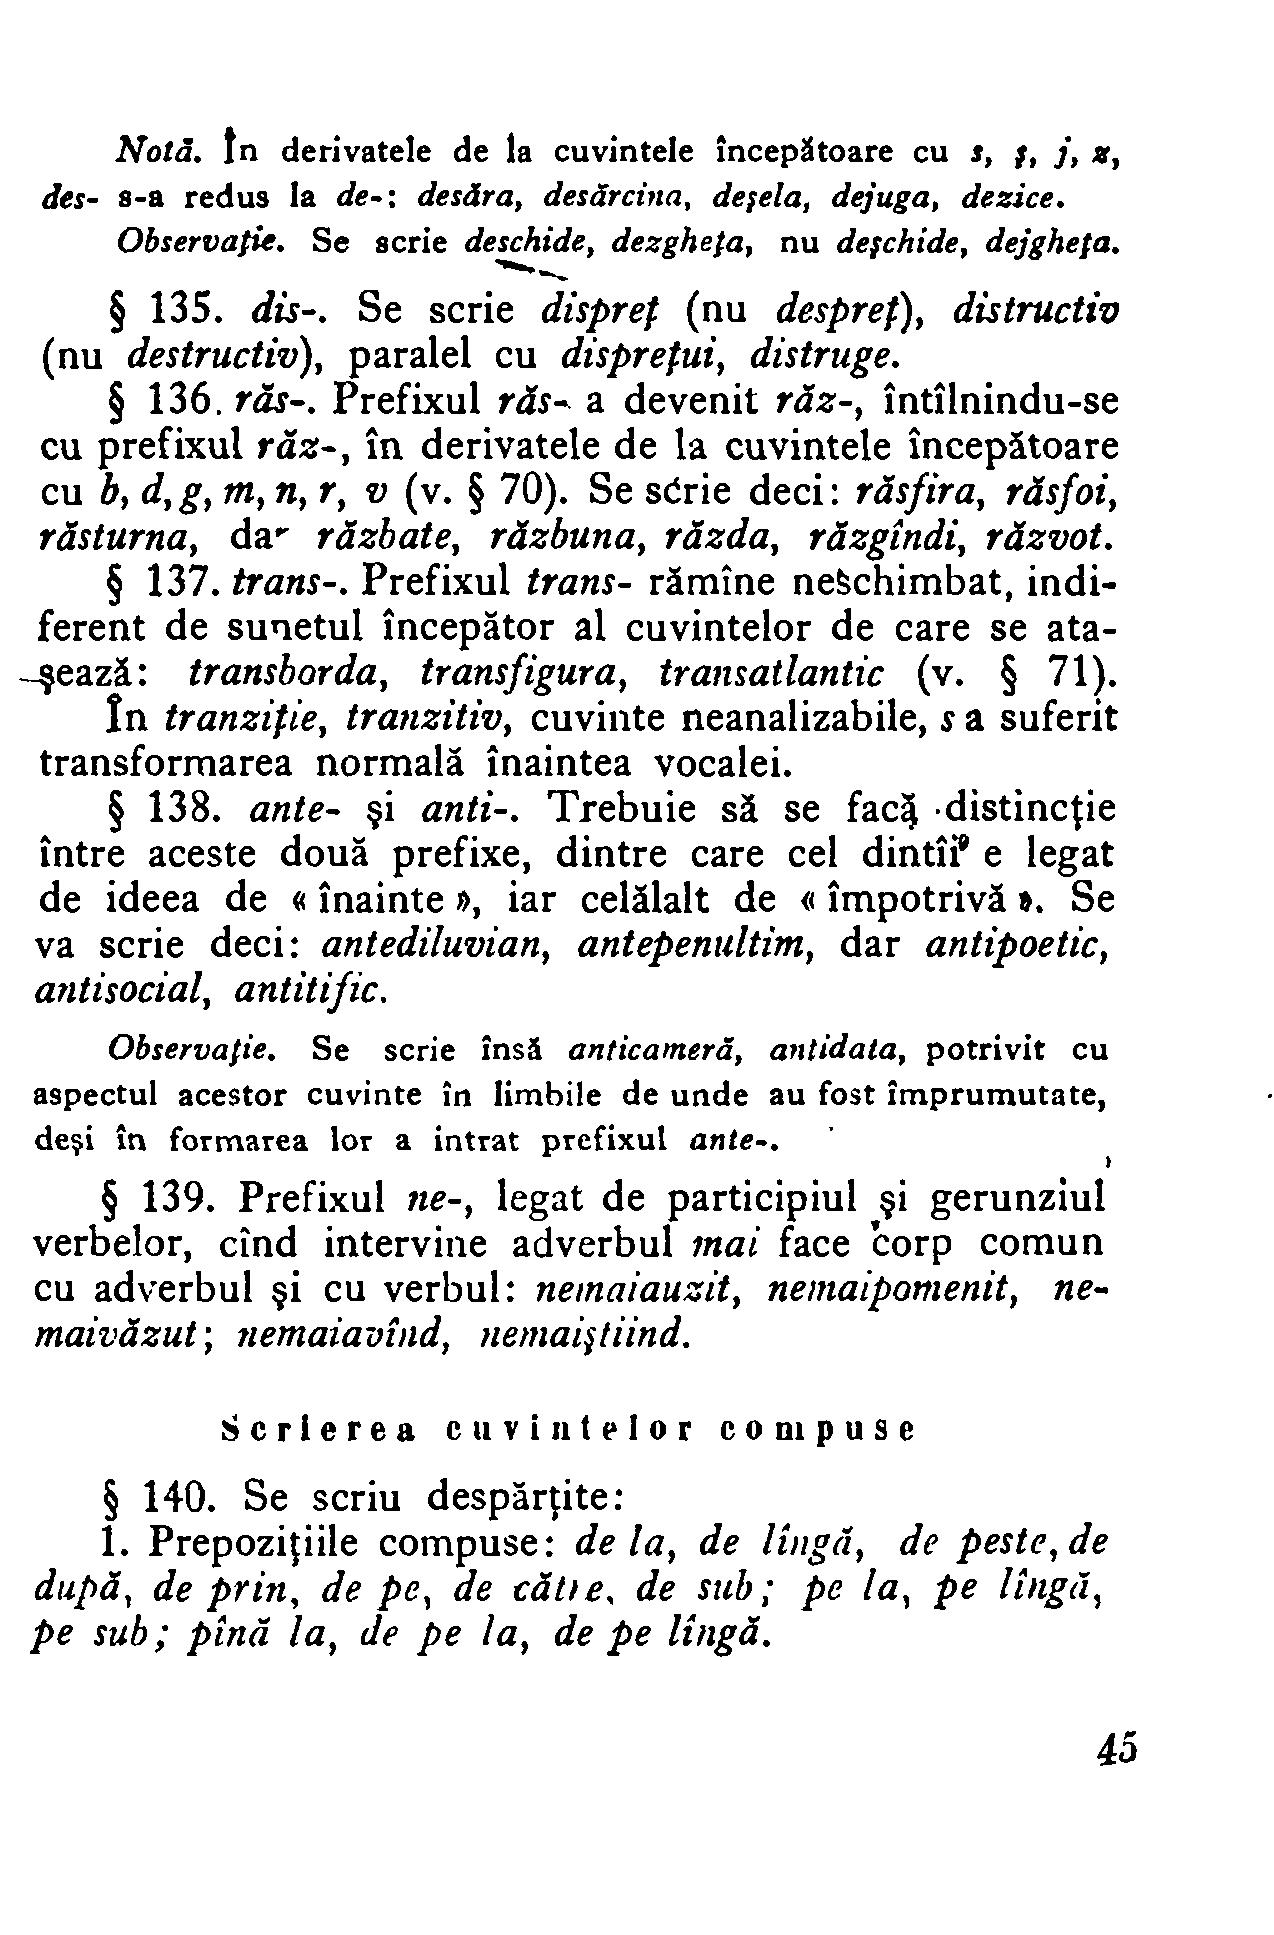 1954 - Mic dicționar ortografic (43).png